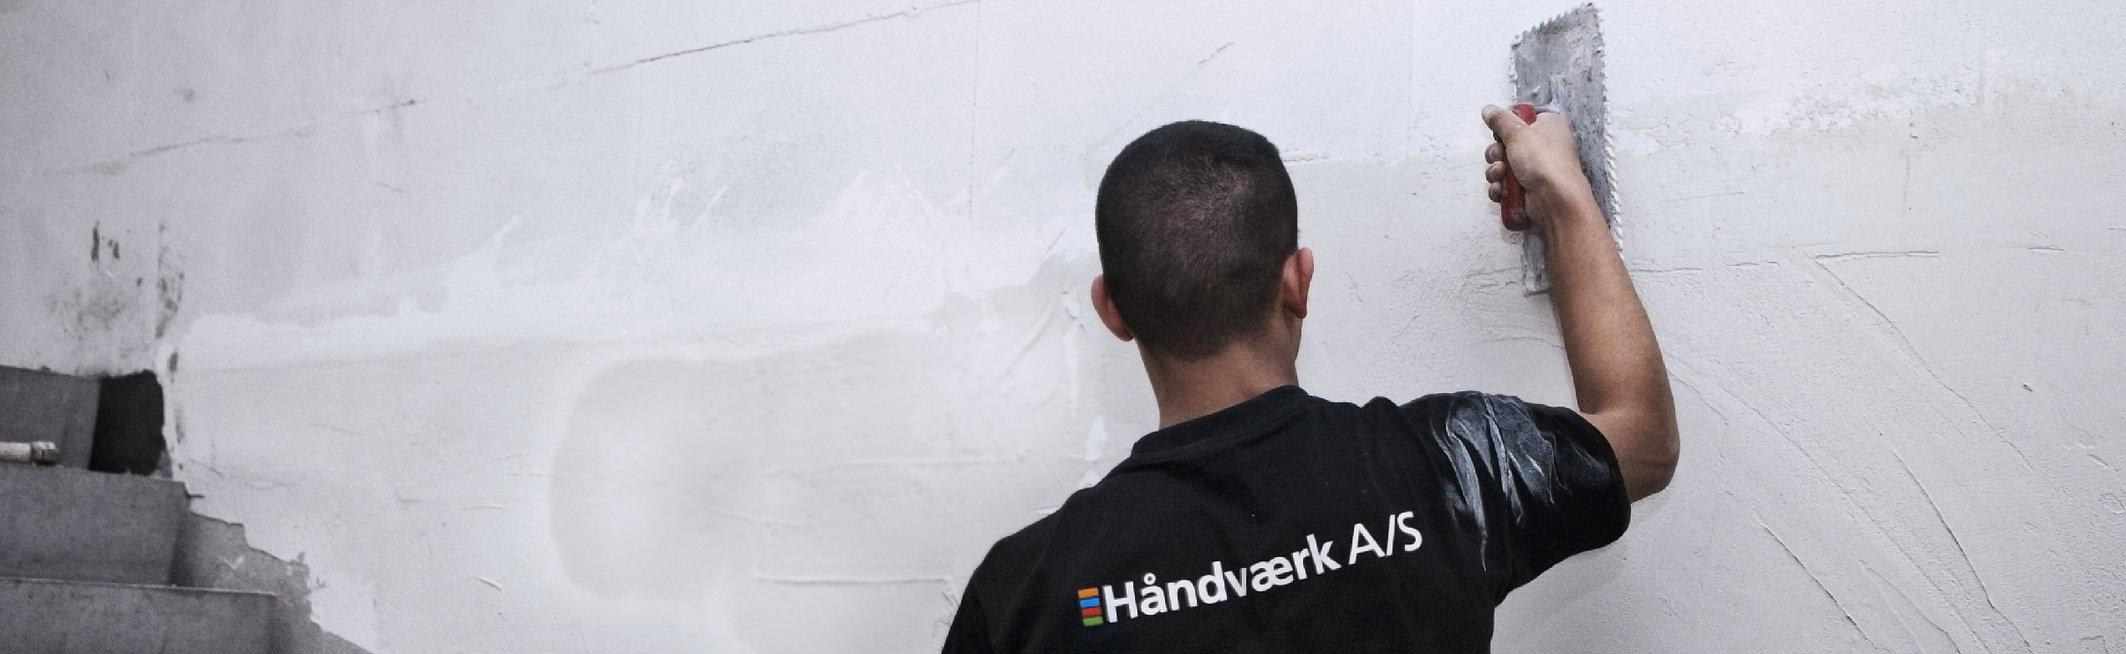 En håndværker mure en væg op